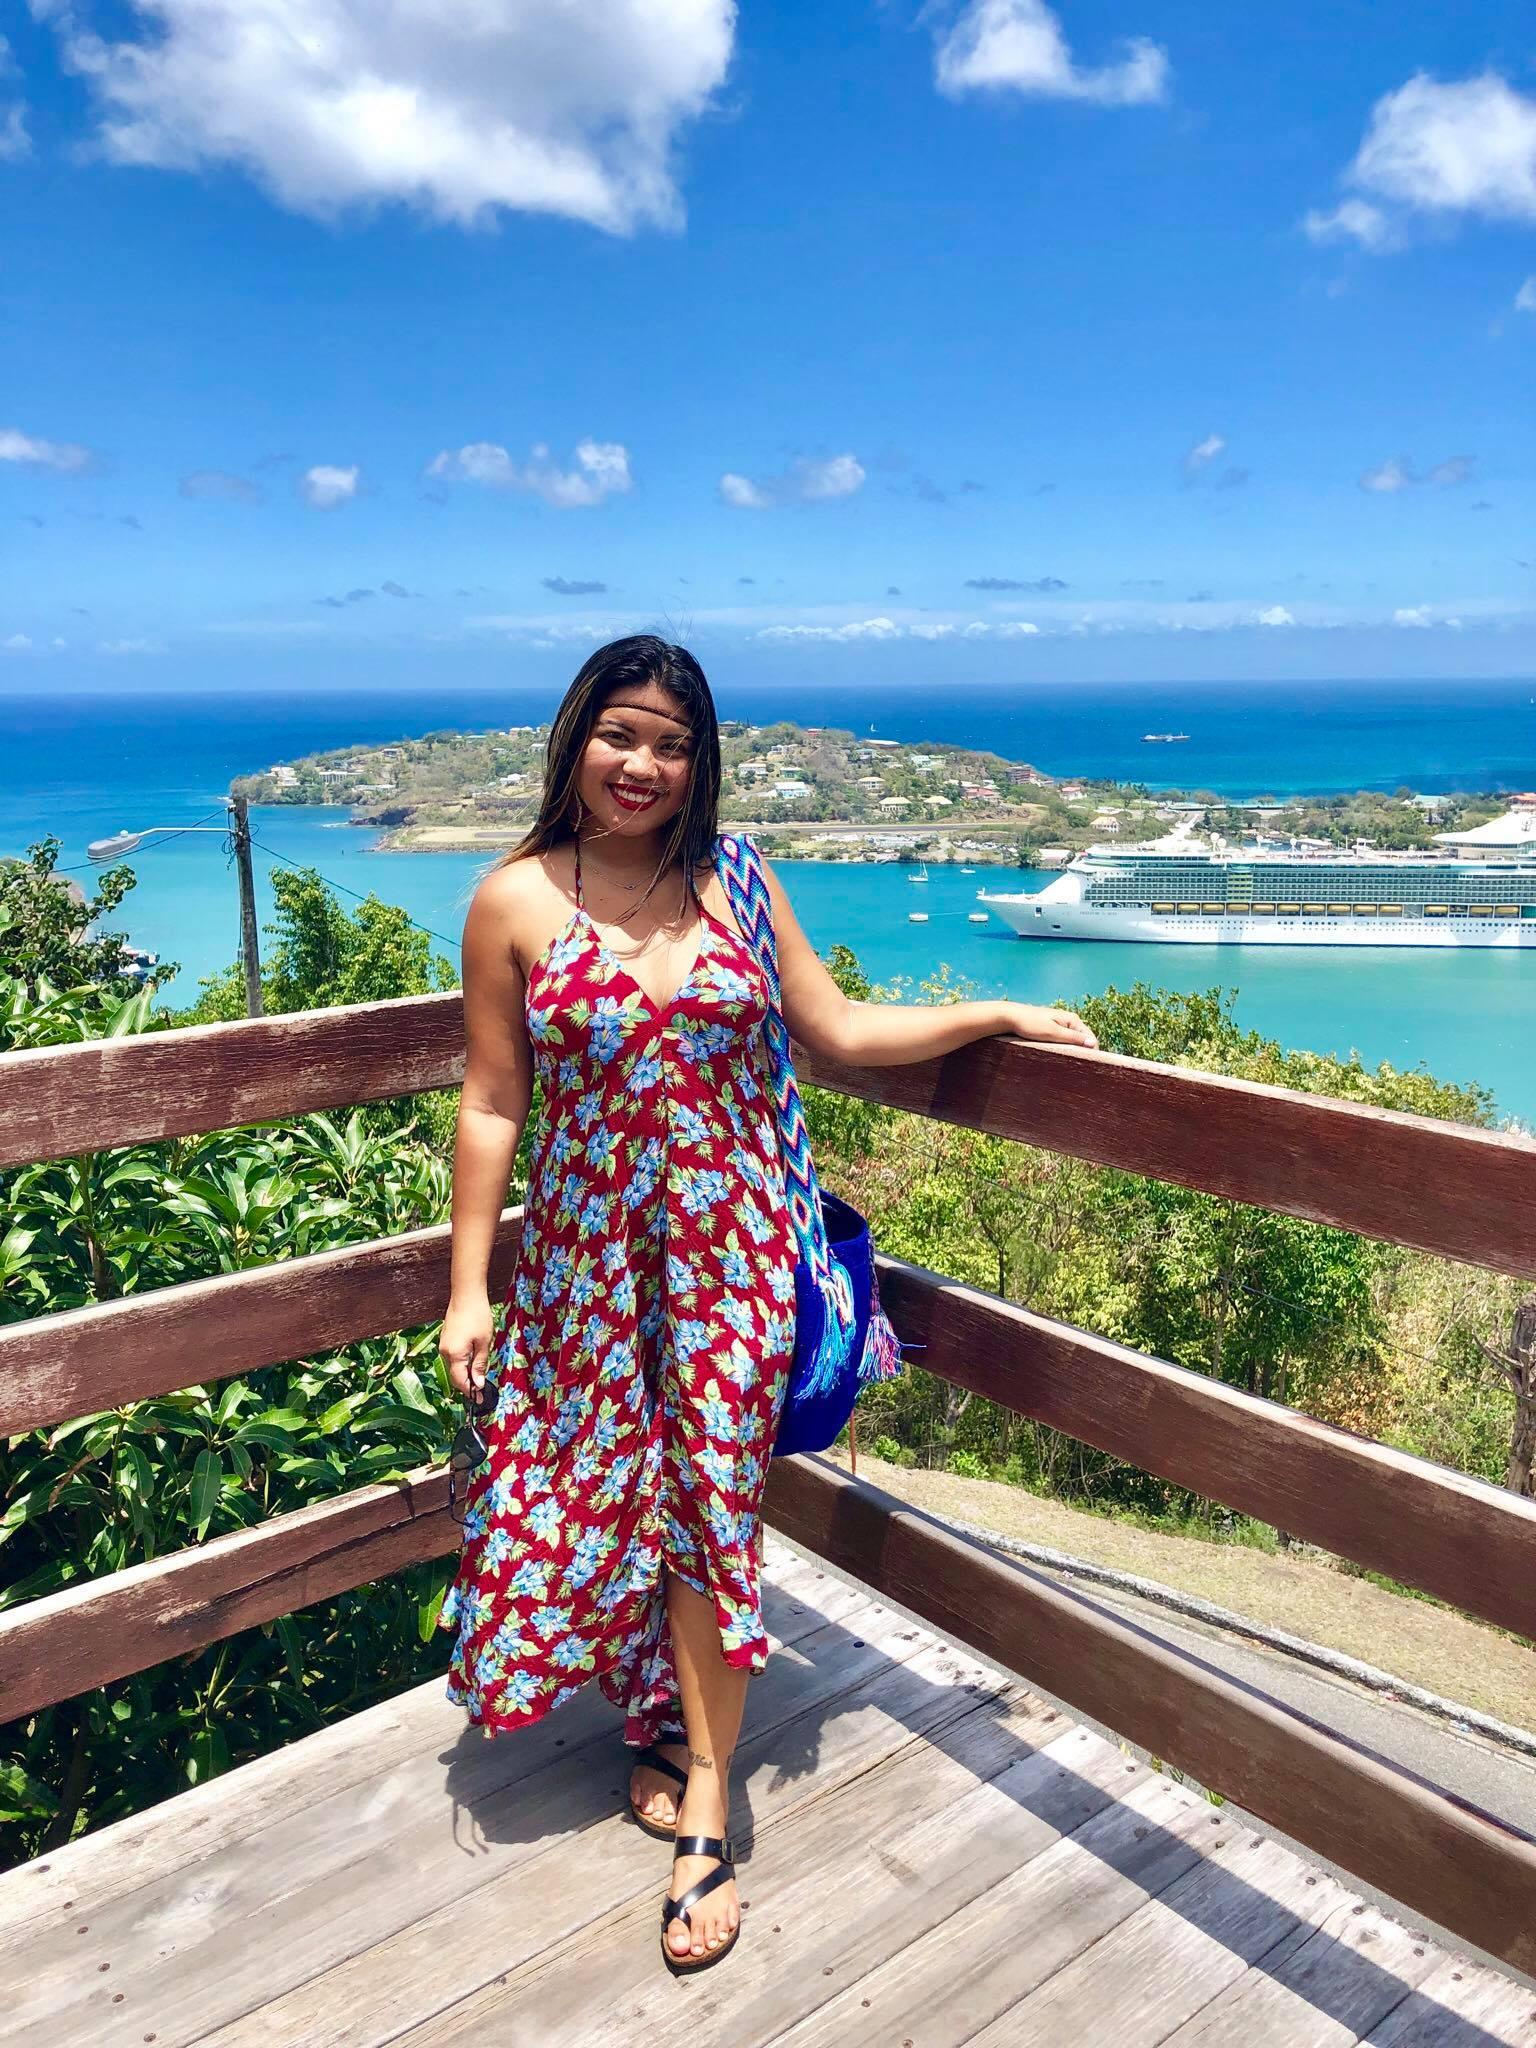 Kach Solo Travels in 2019 Beautiful St Lucia1.jpg